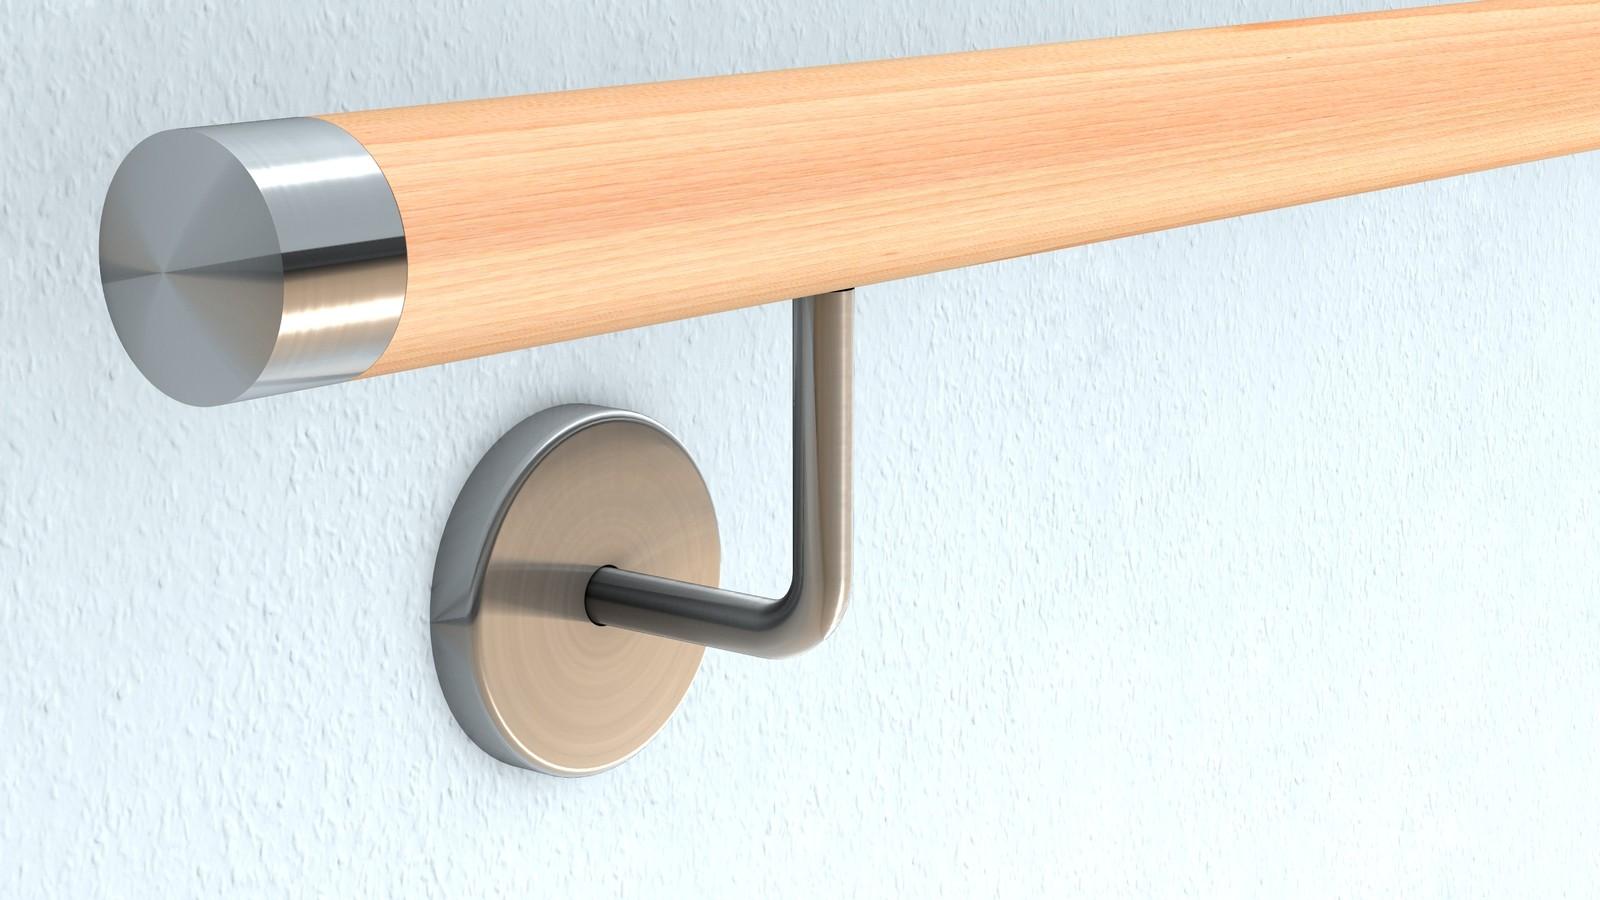 buche wand handlauf befestigung mit verdeckter. Black Bedroom Furniture Sets. Home Design Ideas